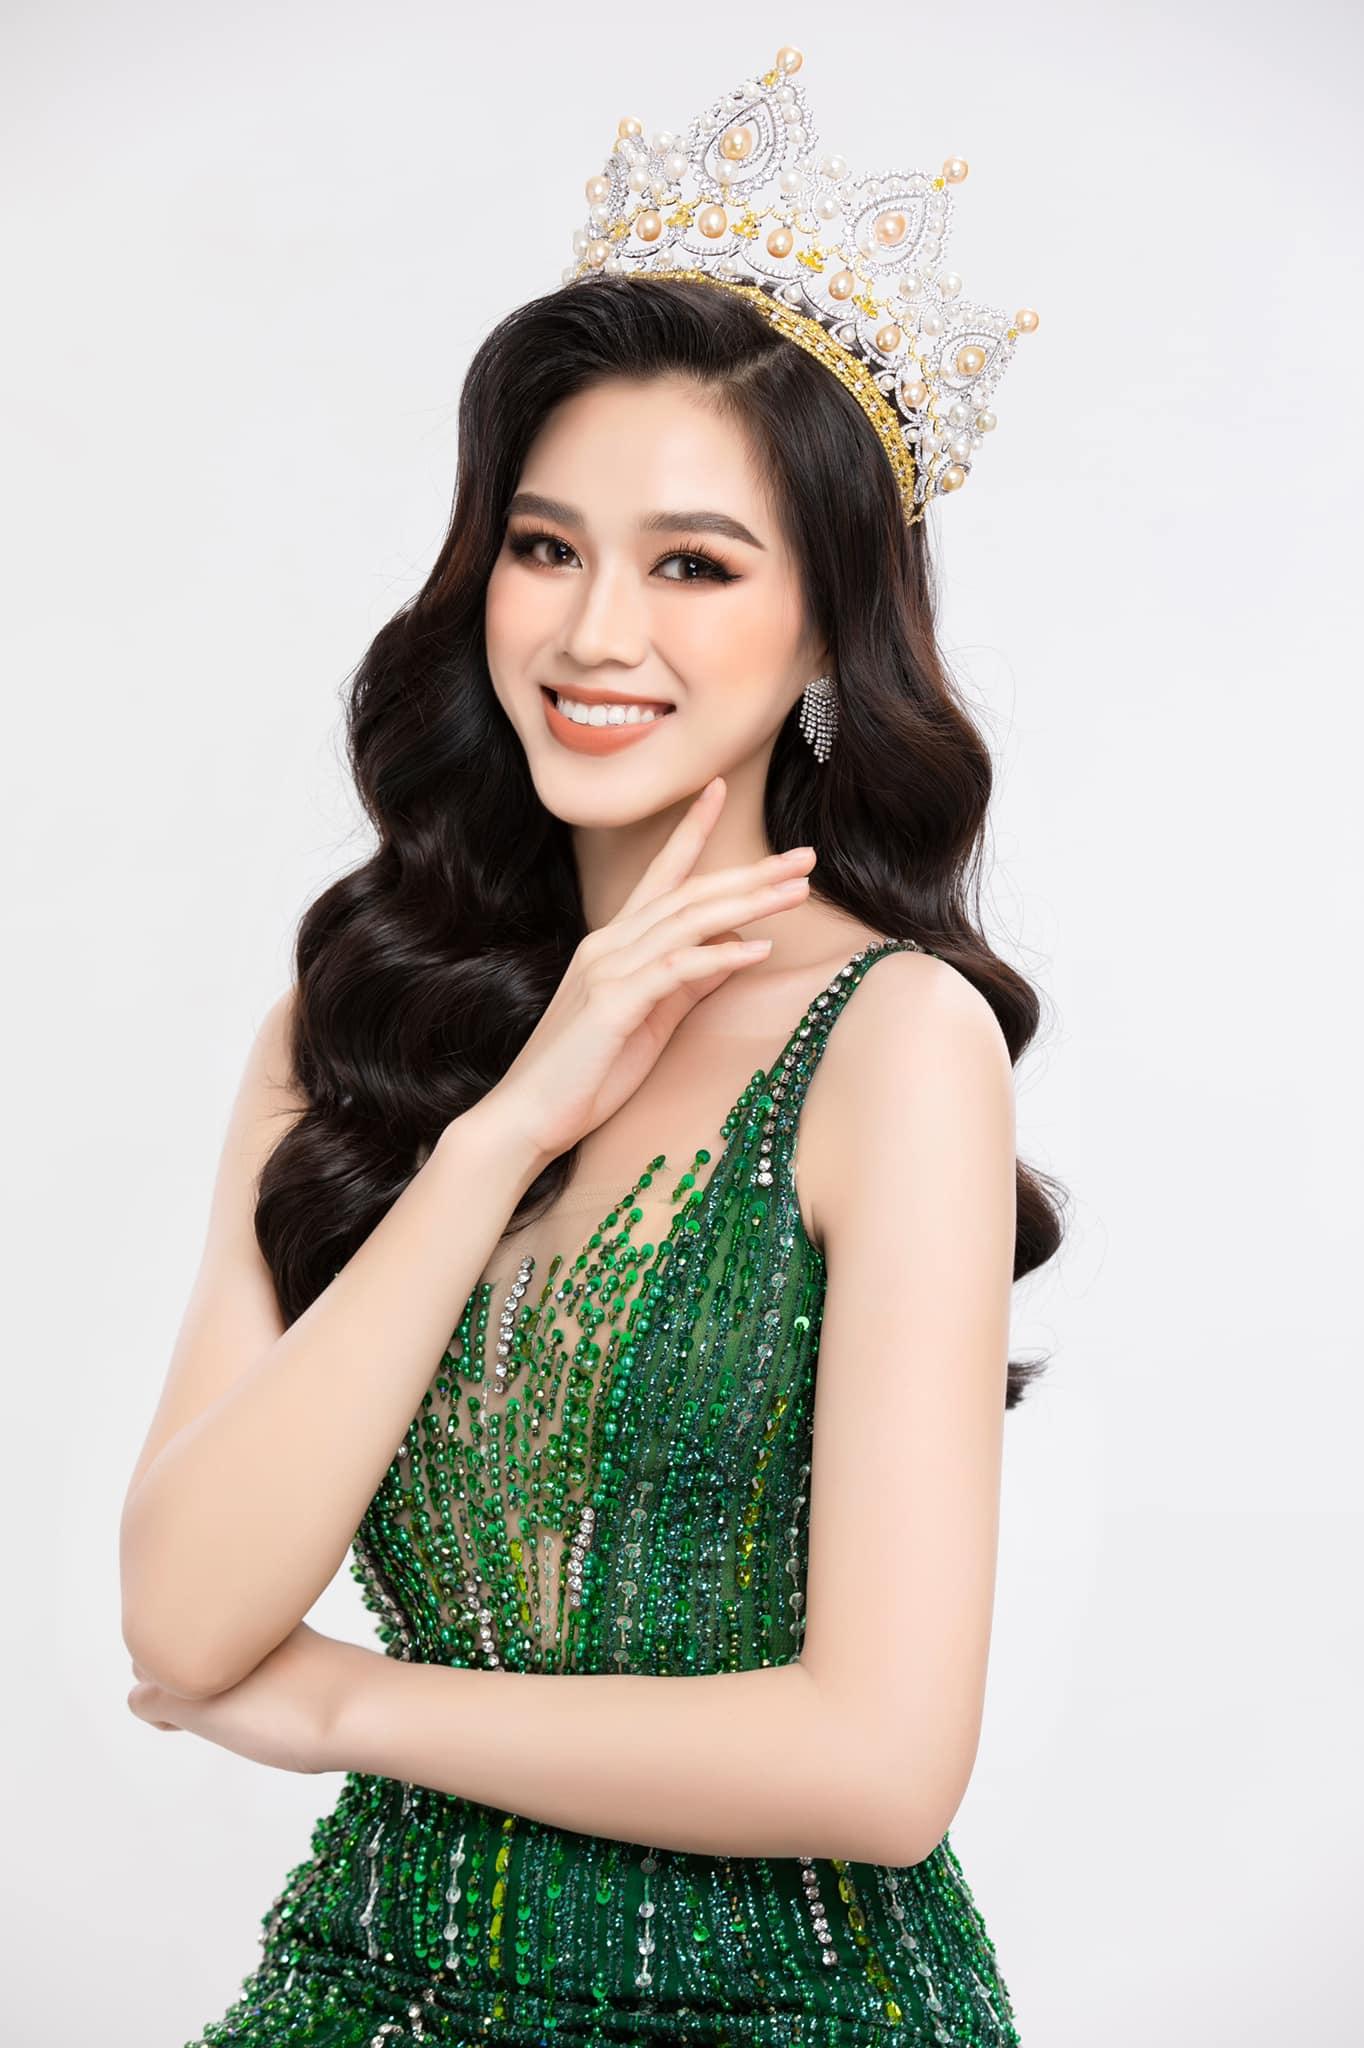 Hé lộ 5 mẫu thiết kế đầm dạ hội của Hoa Hậu Đỗ Thị Hà trong Chung kết Miss World 2021 - Ảnh 5.